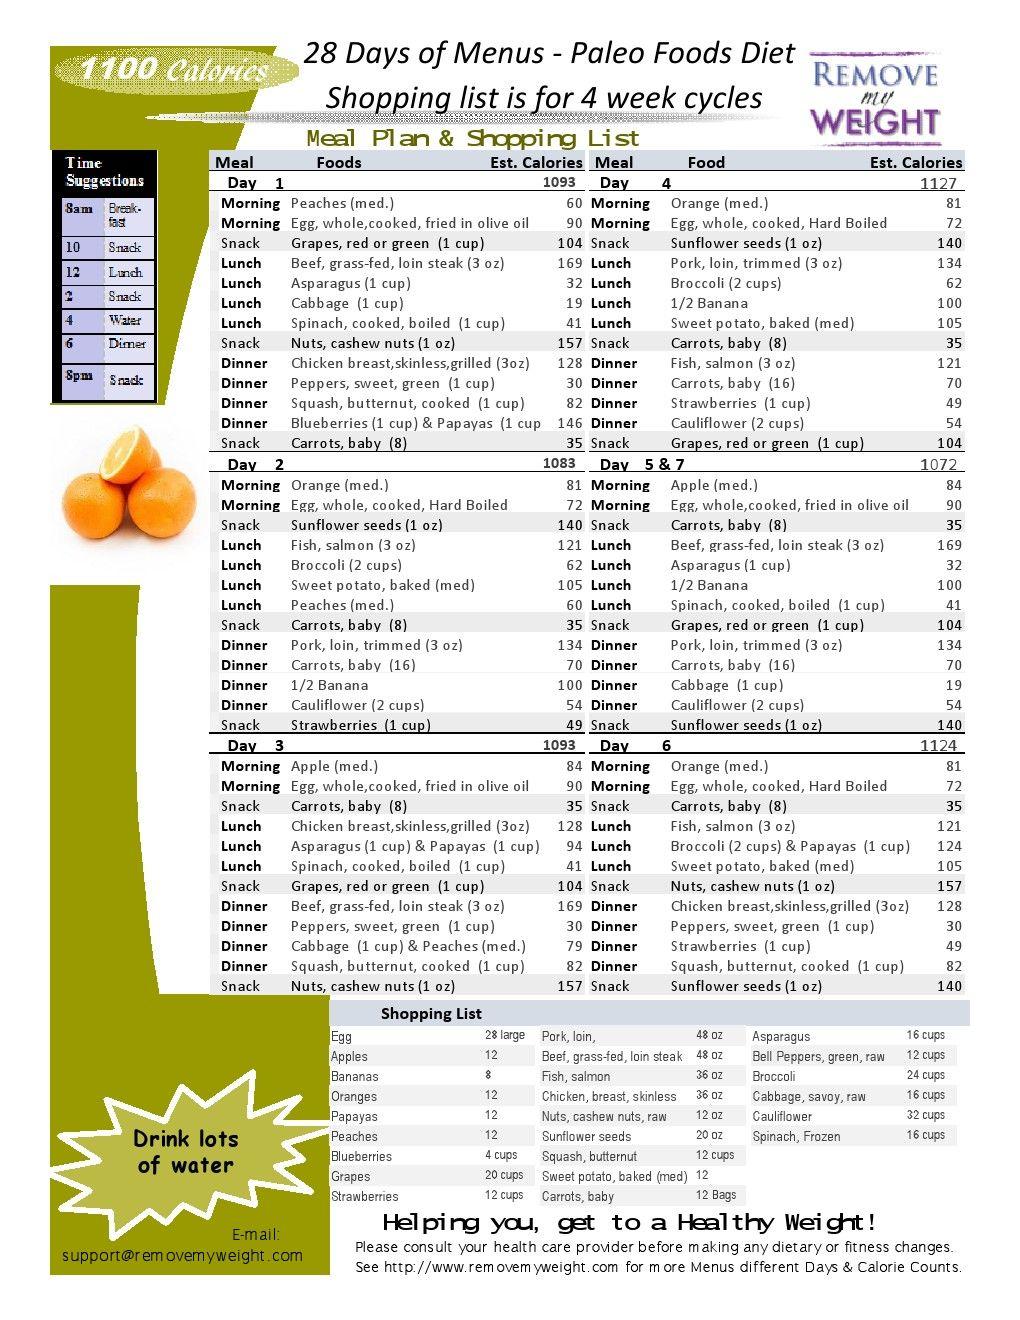 28 Day 1100 Calorie Diet Menu Plan Paleo Foods Jpg 1020 1320 1600 Calorie Diet Calorie Meal Plan Paleo Diet Recipes